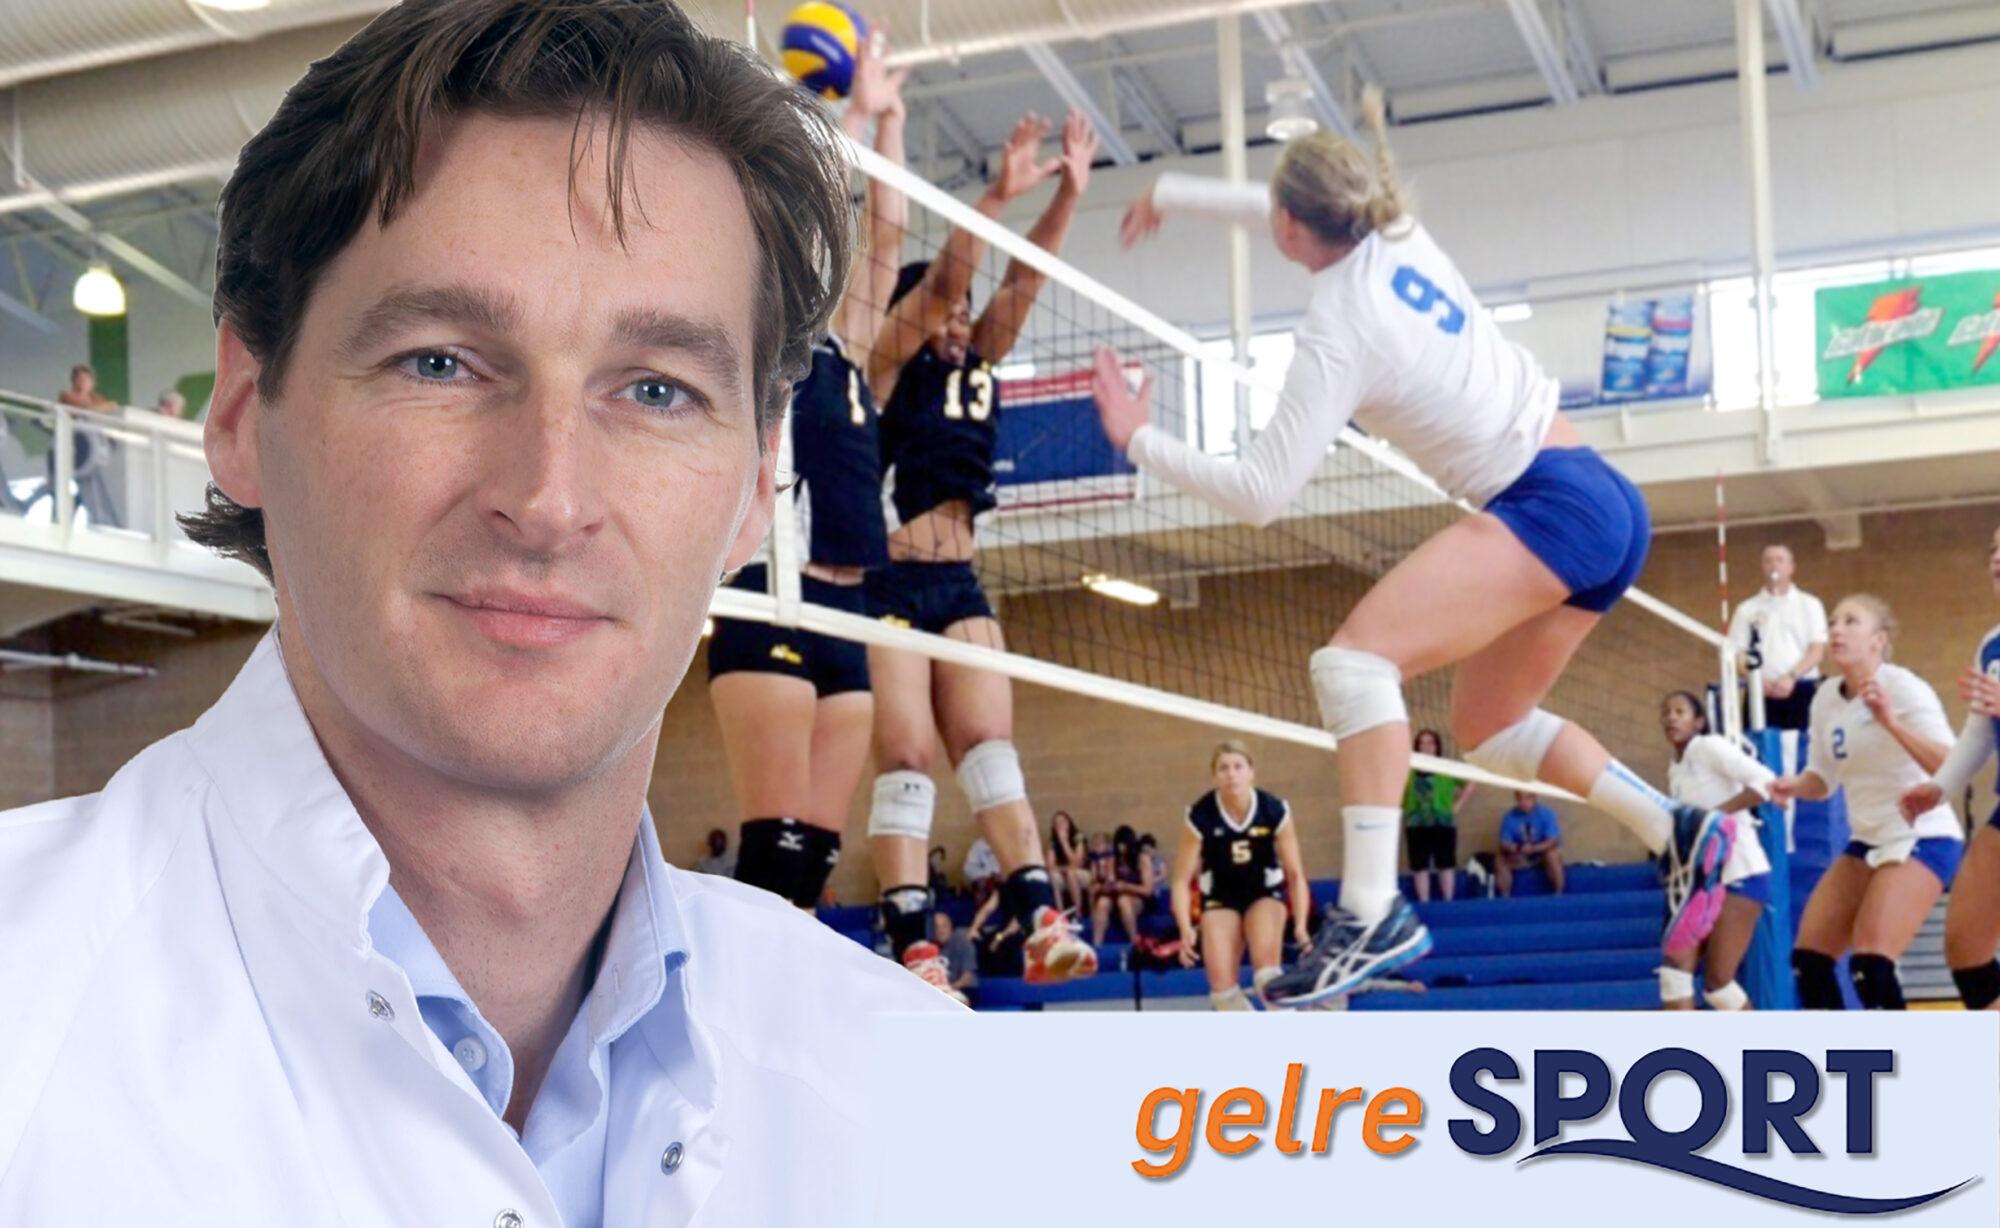 Uw orthopedisch chirurg | Knieblessure verholpen door Gelre Sport